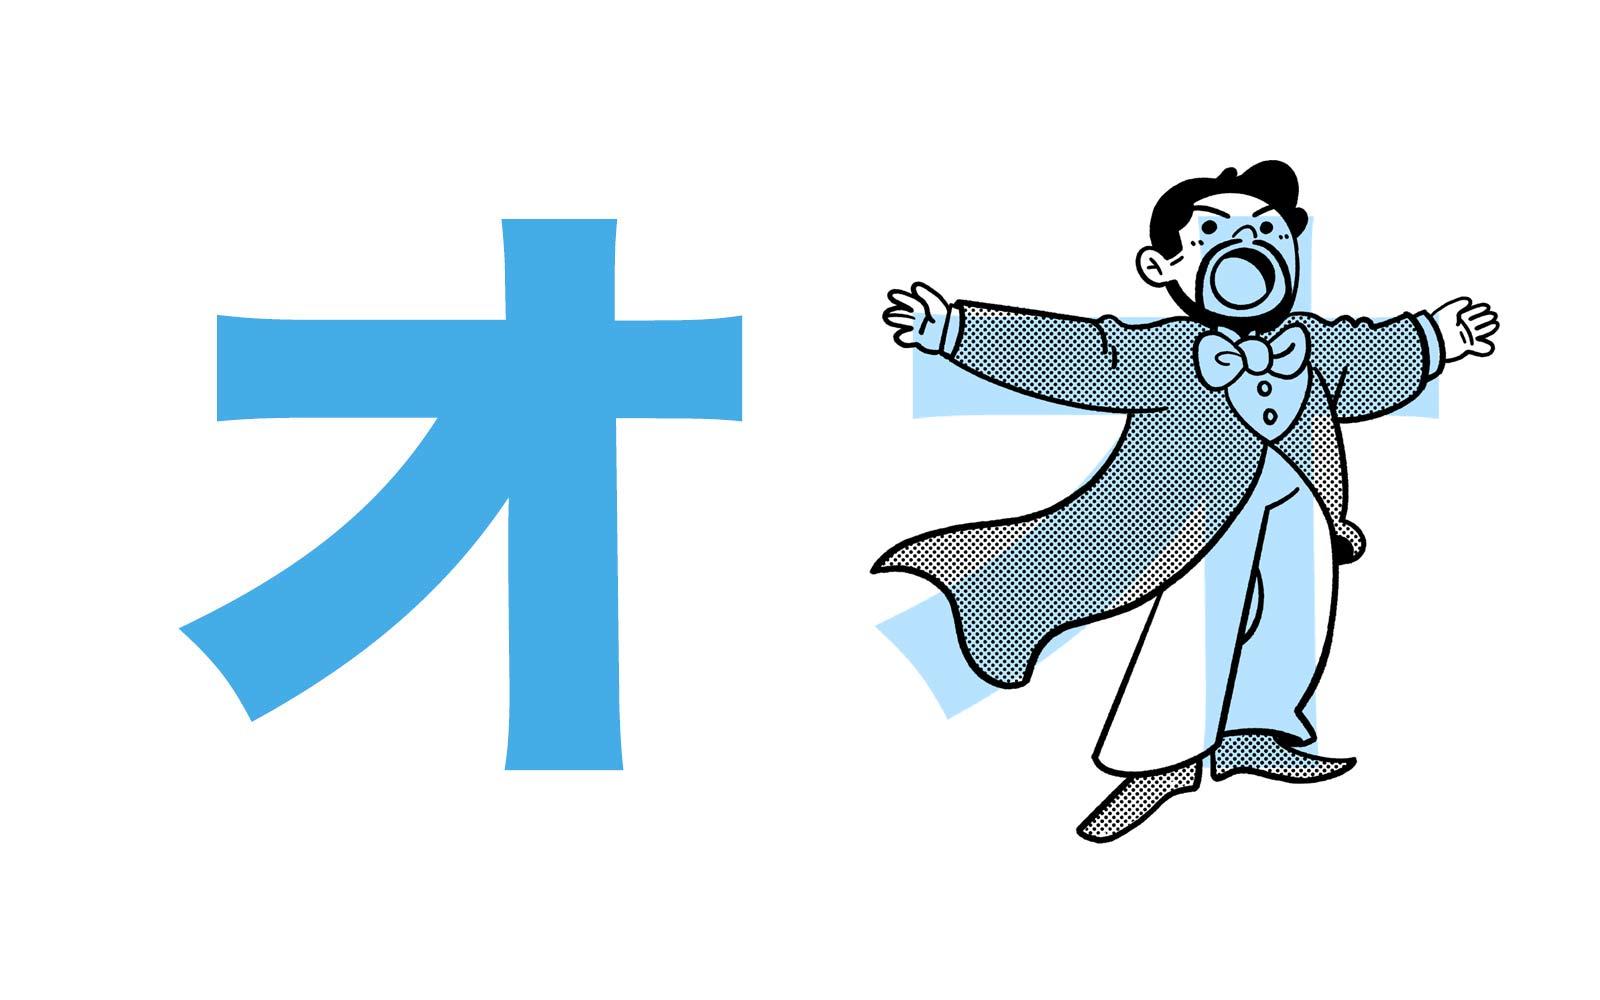 Katakana character オ mnemonic